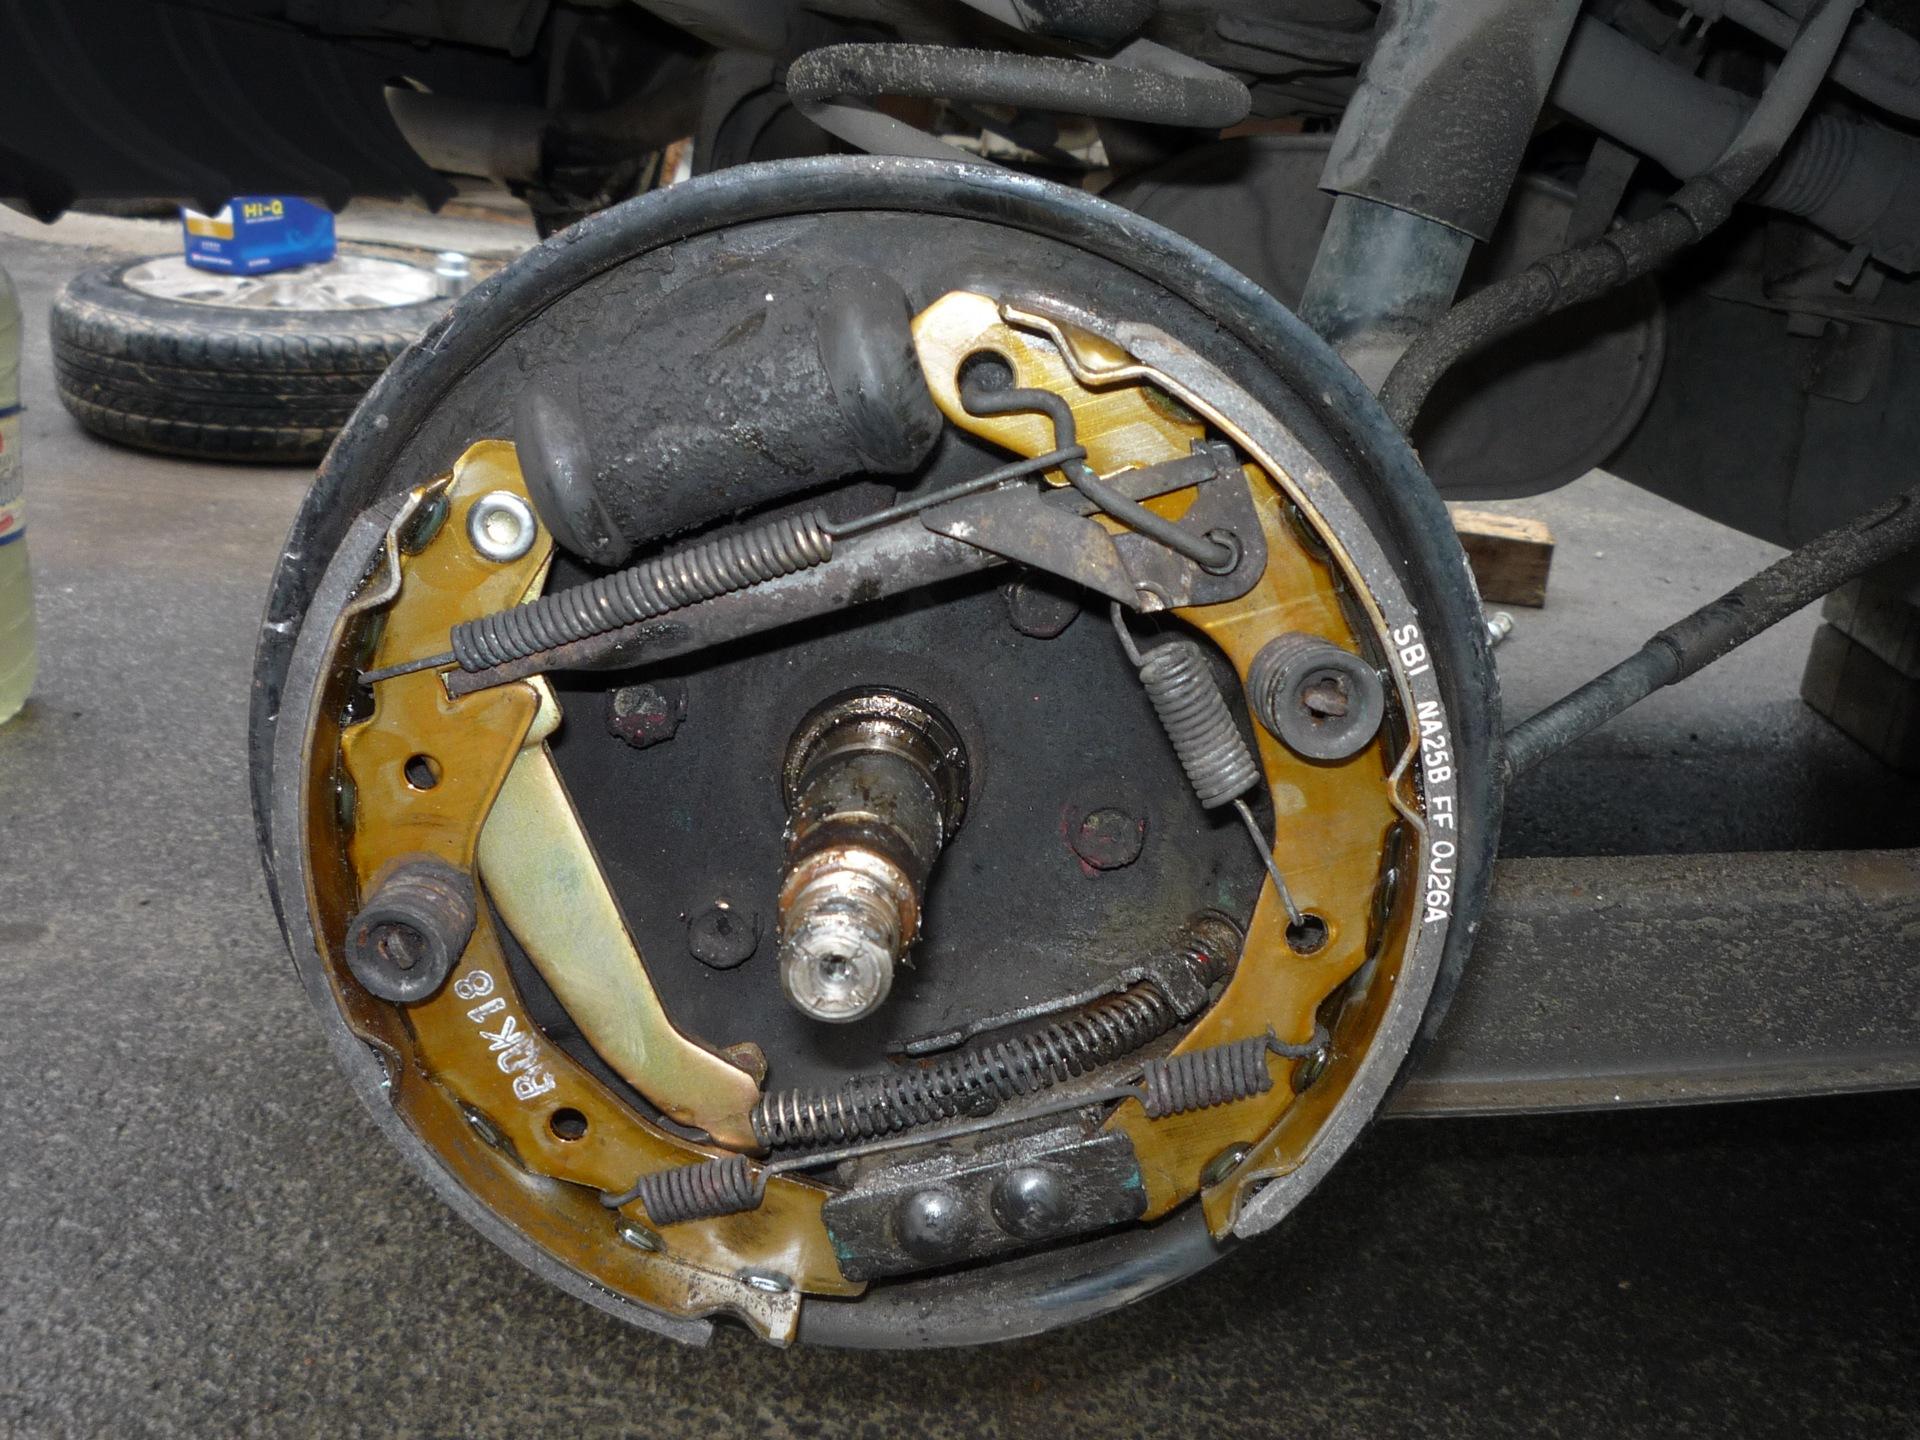 Меняем задние и передние тормозные колодки на Daewoo Matiz самостоятельно